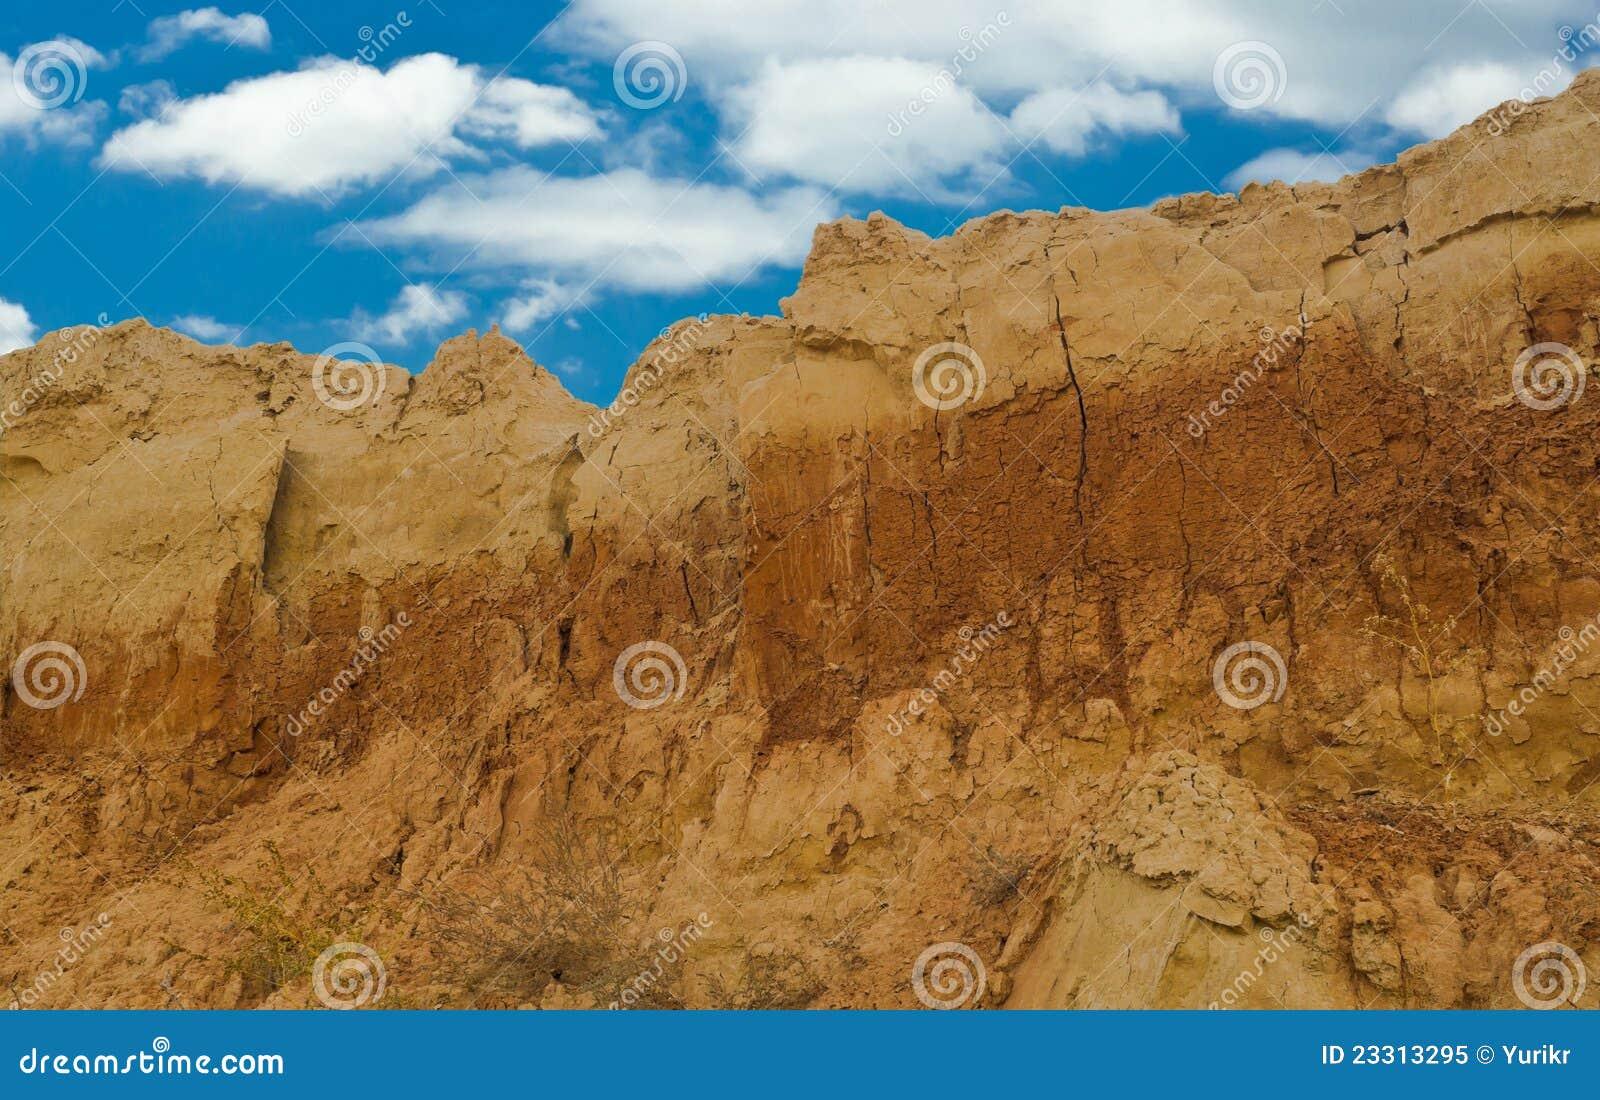 De berg van de klei in een open kuil